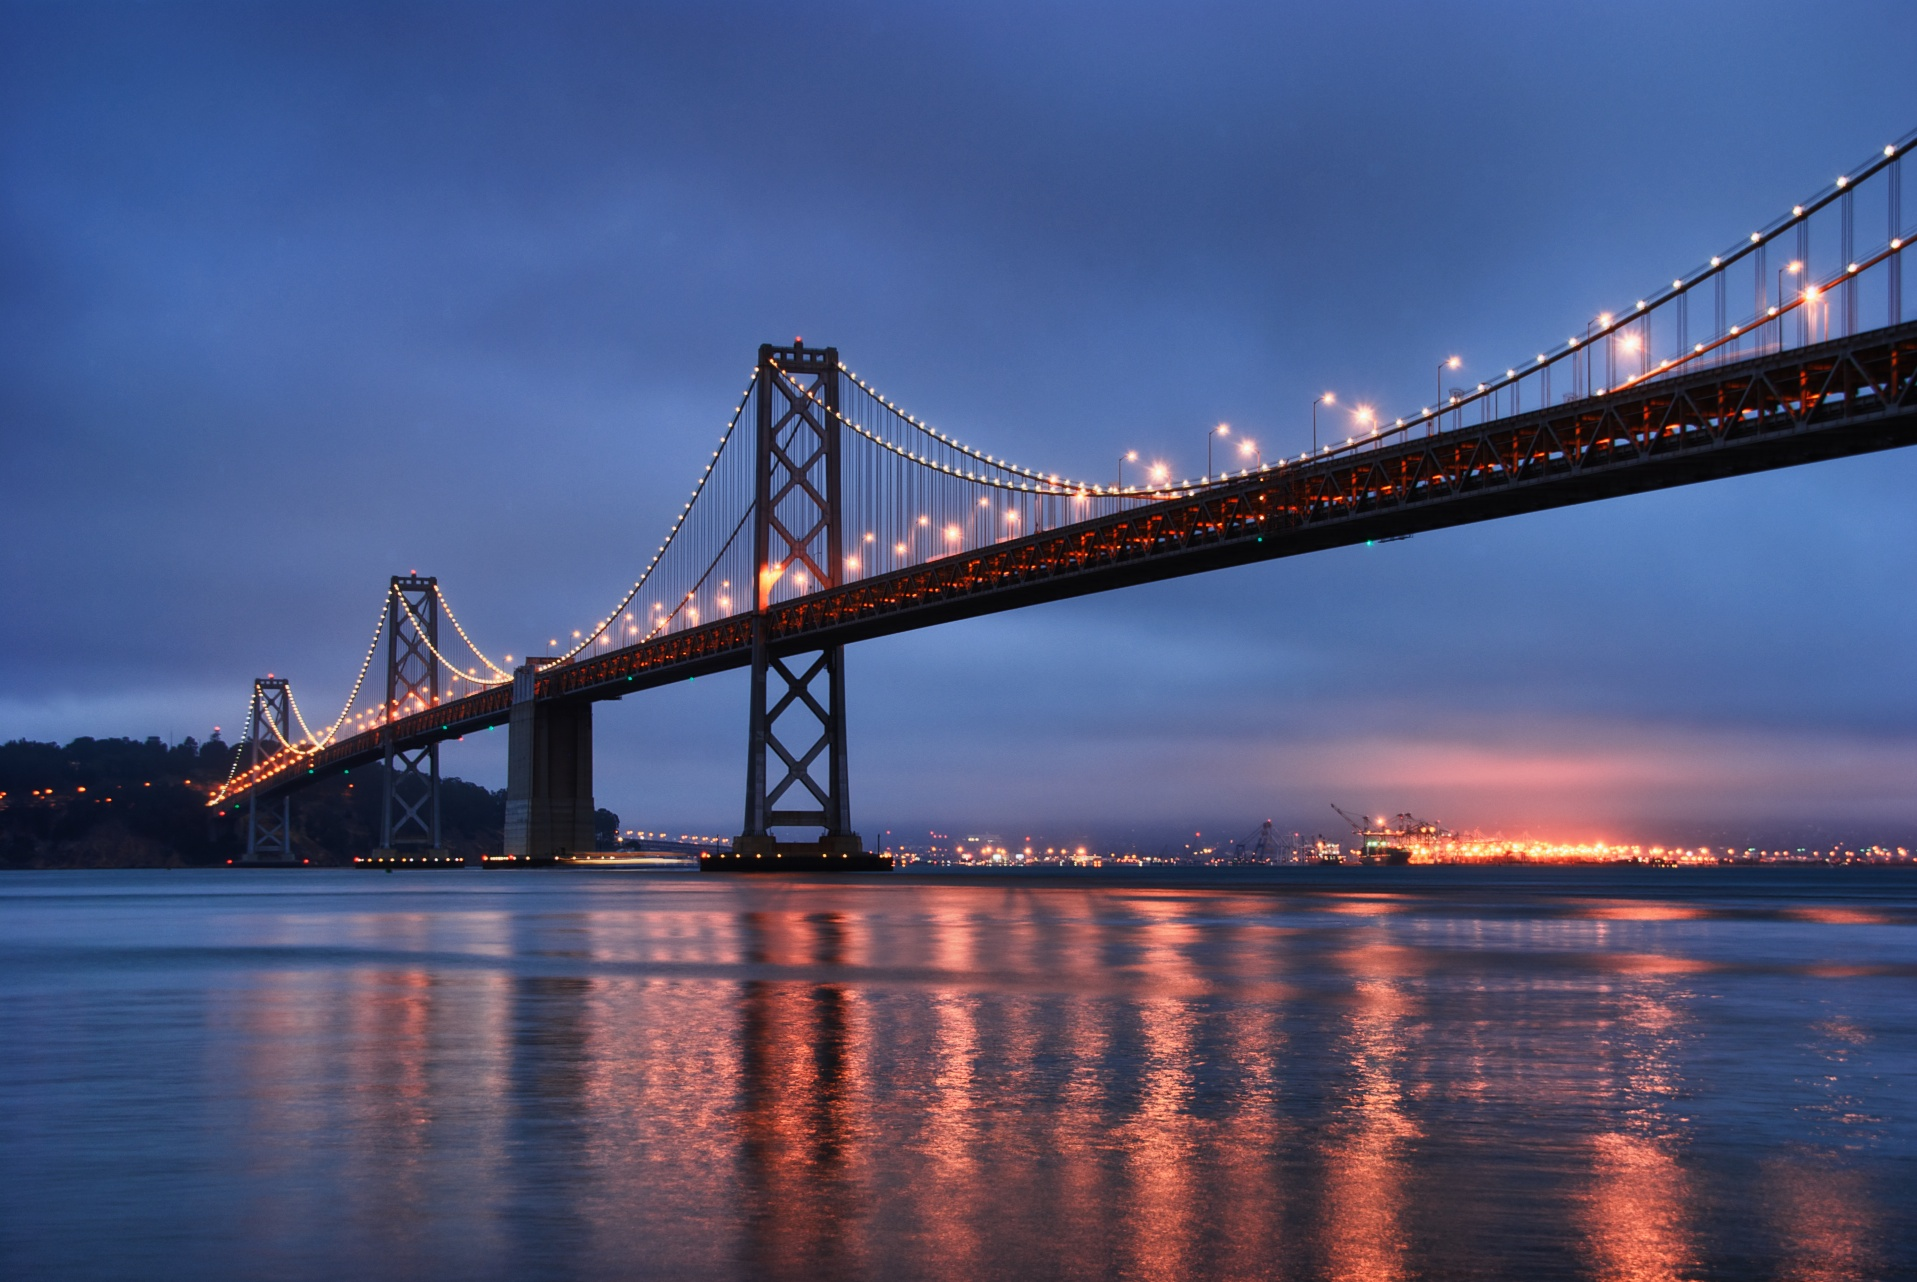 Great night, awesome bridge.jpg